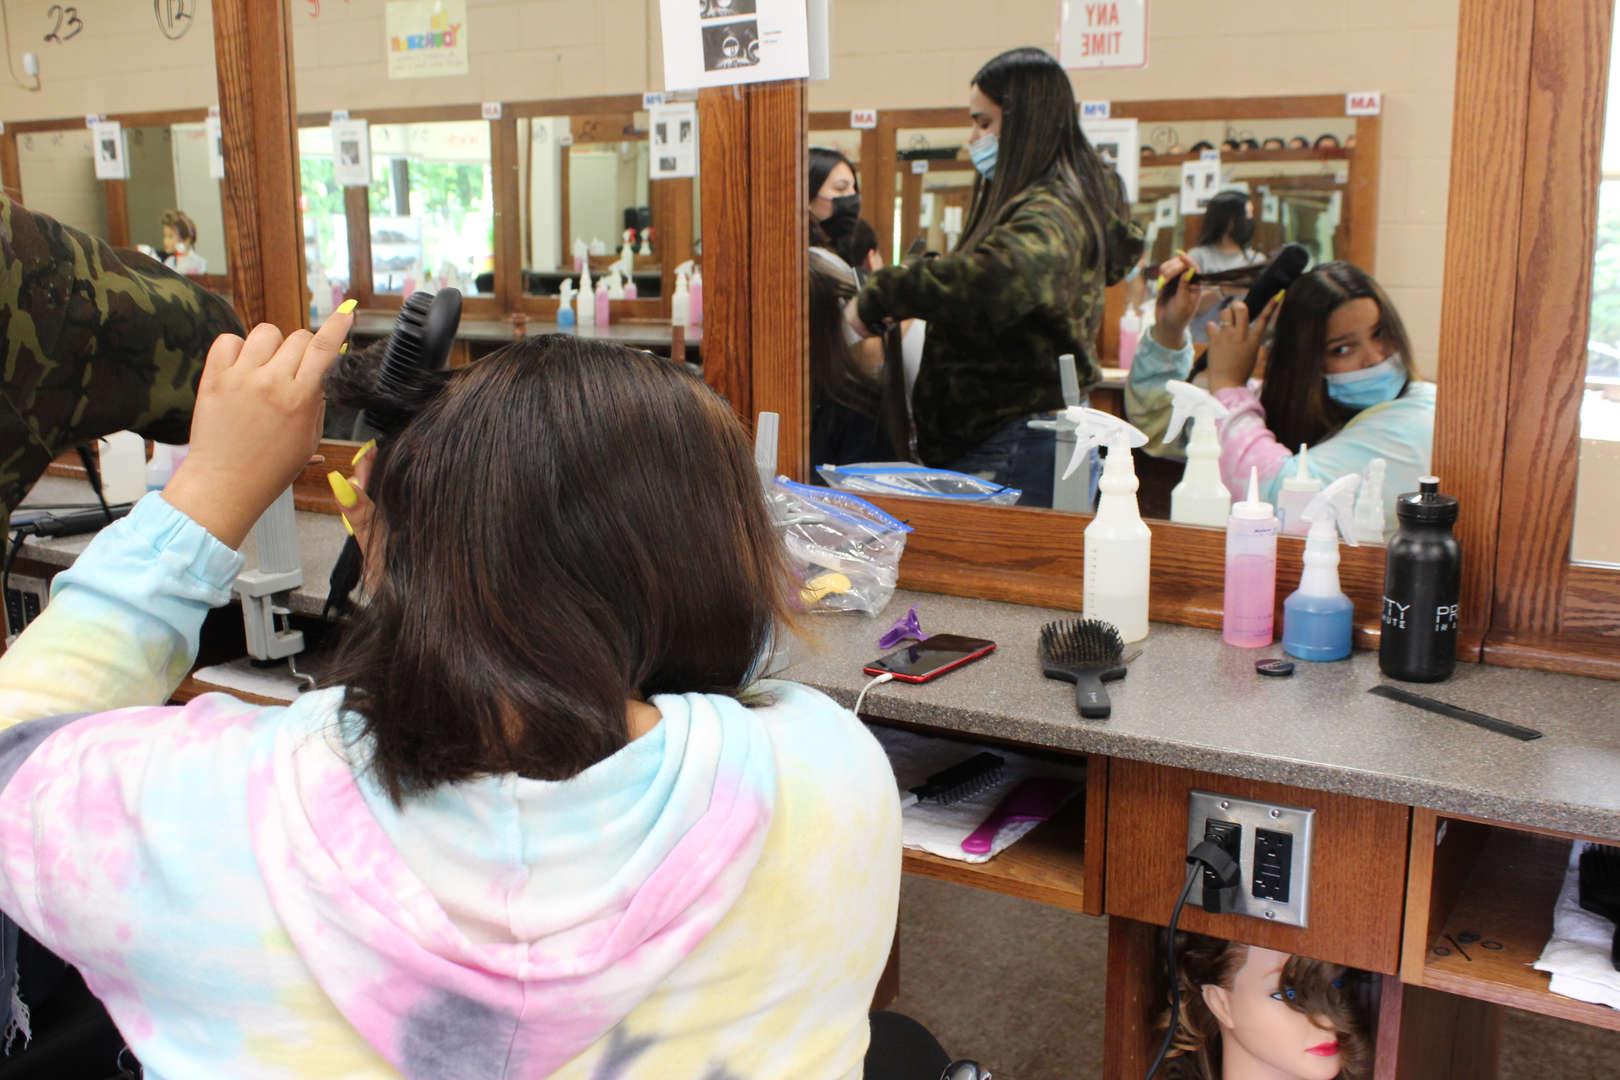 Girl uses straightening hair brush on her hair